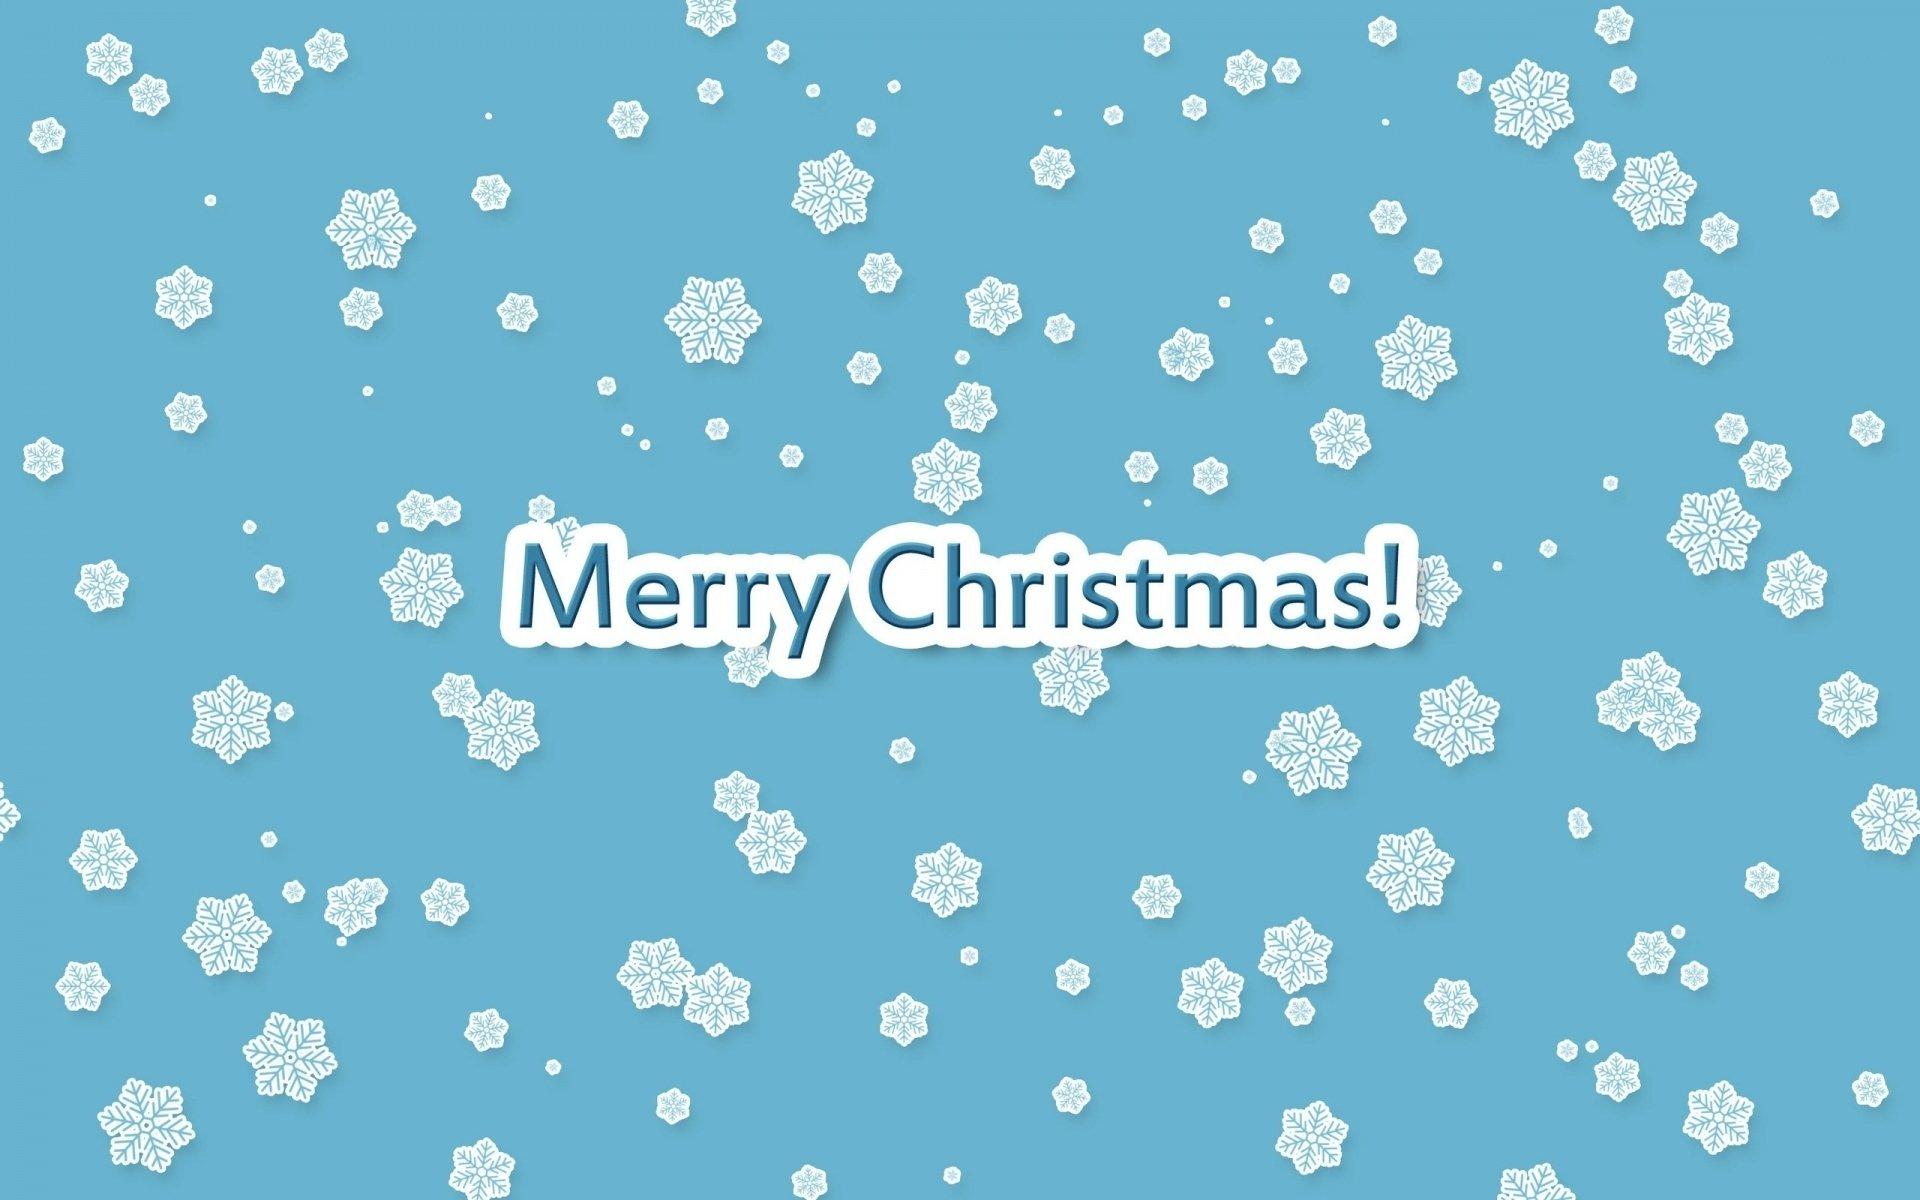 节日 - 圣诞节  蓝色 雪花 Merry Christmas 壁纸